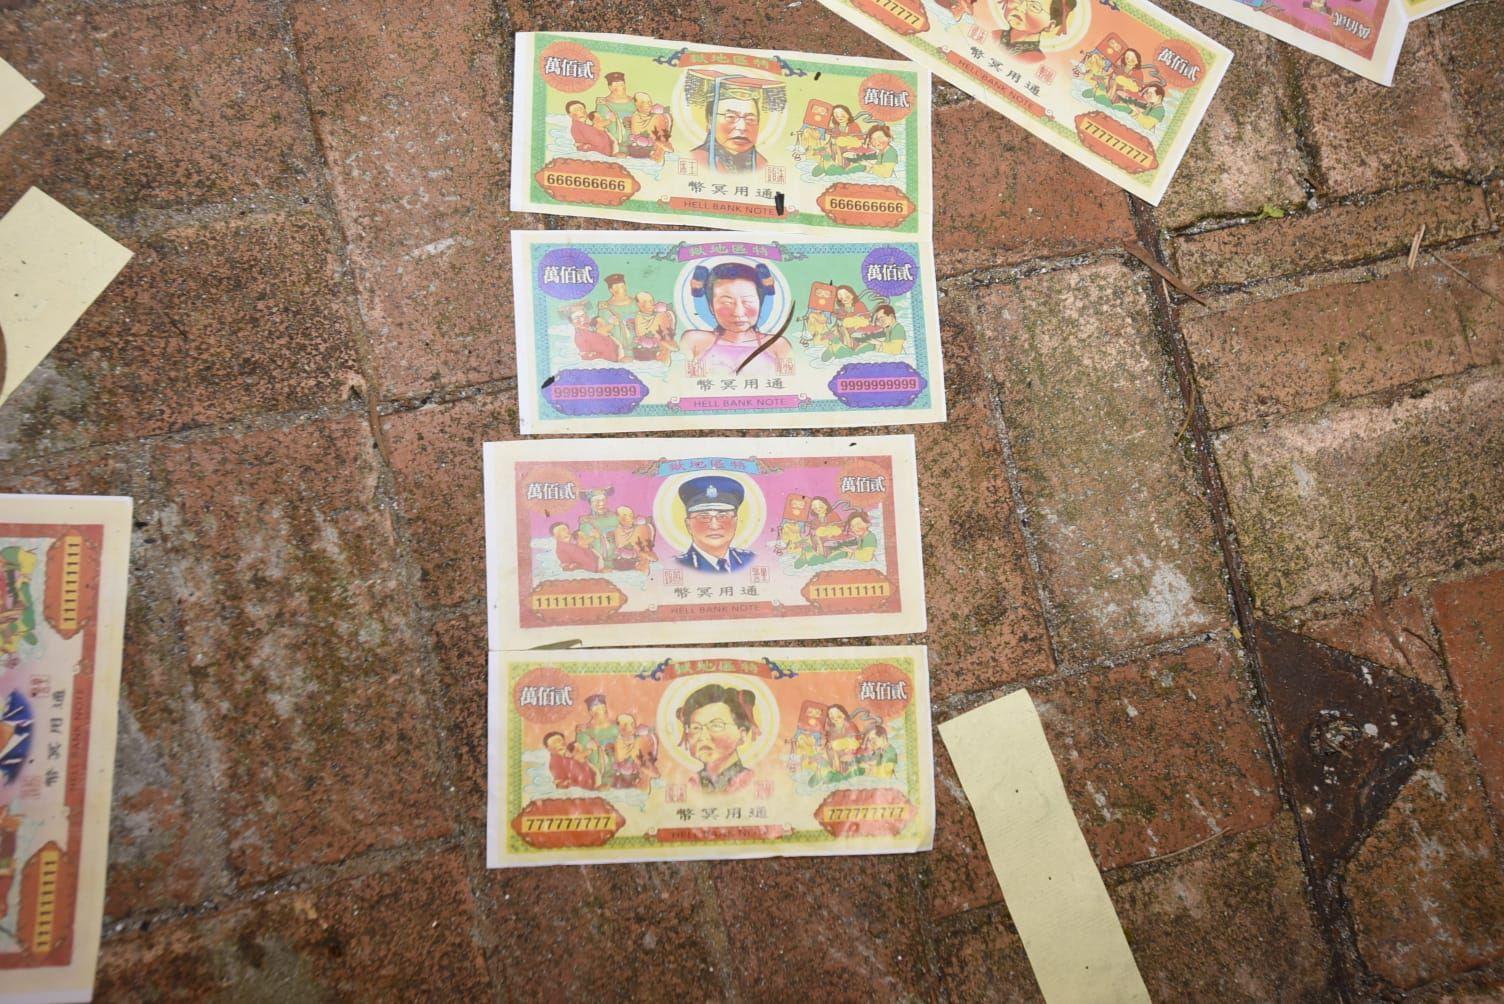 燒衣人士焚燒印有懷疑特首林鄭月娥及警務處處長盧偉聰肖像的衣紙。